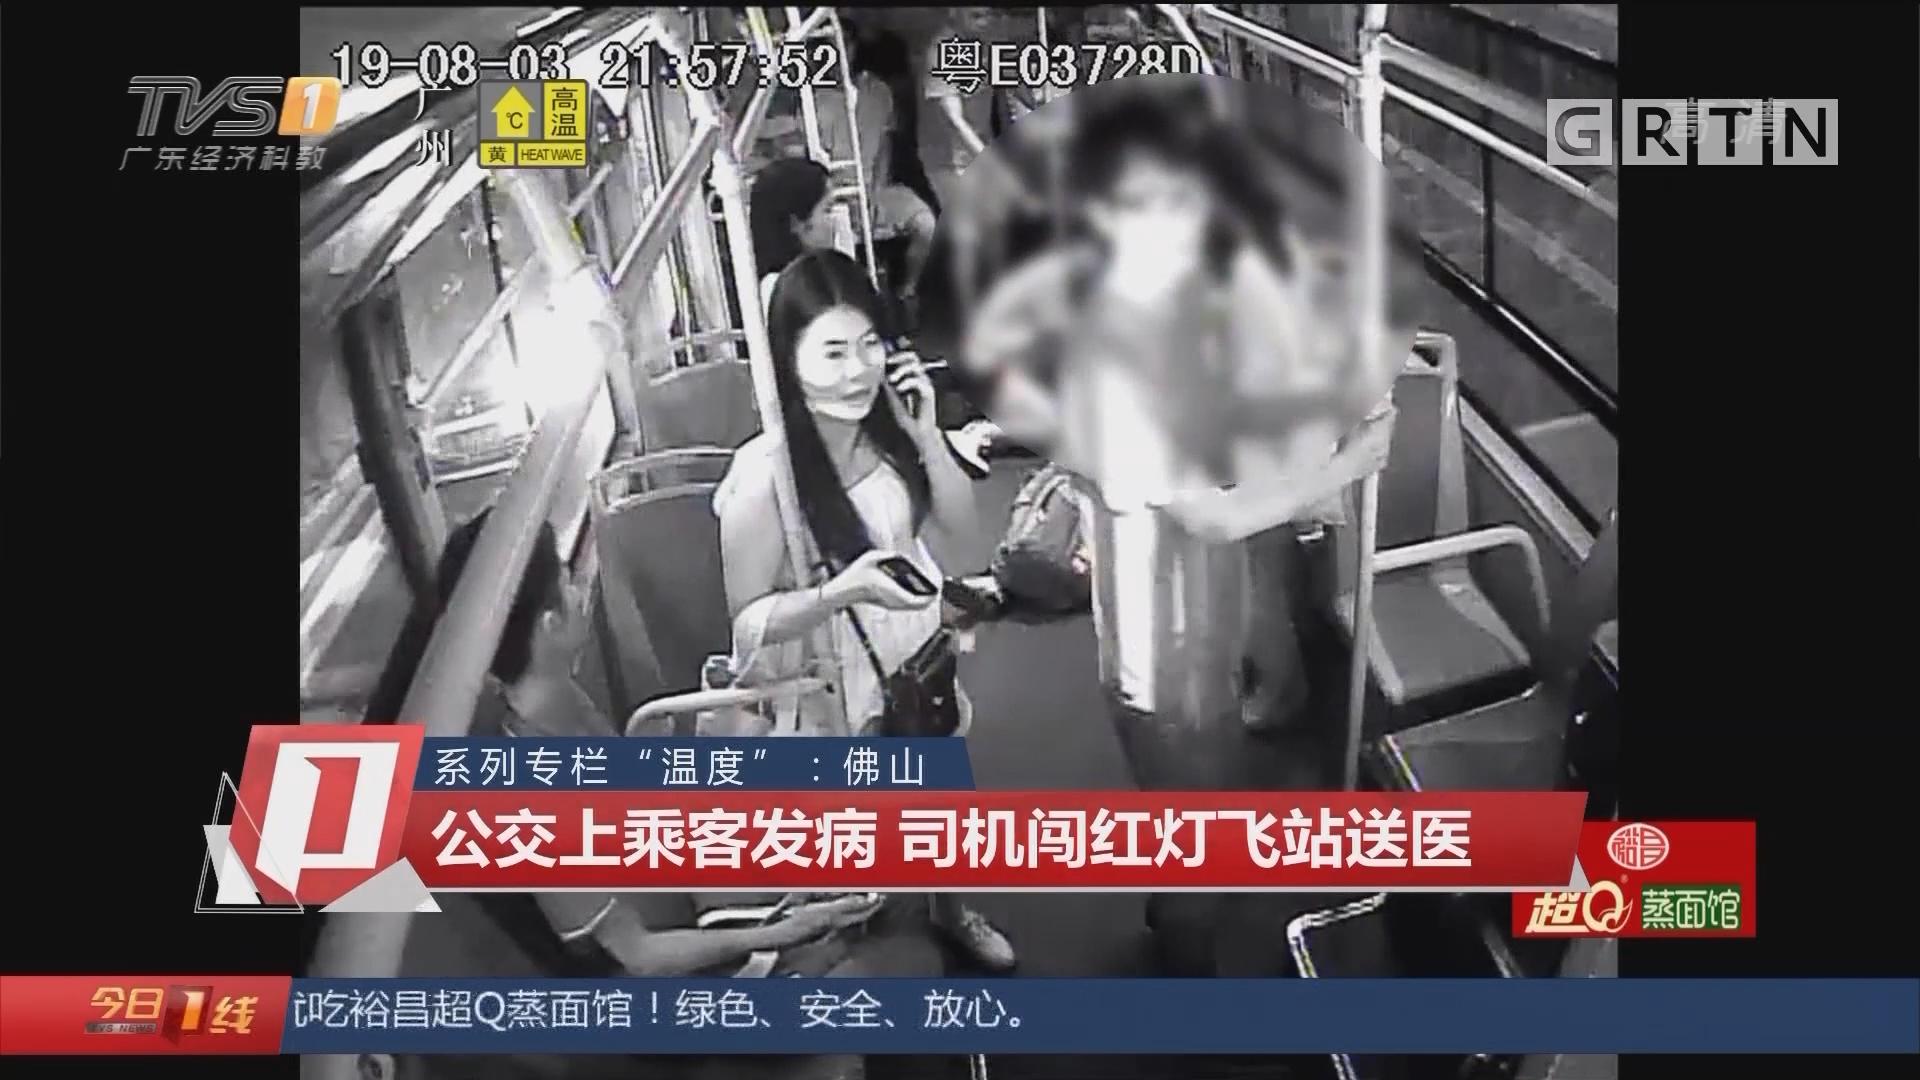 """系列专栏""""温度"""":佛山 公交上乘客发病 司机闯红灯飞站送医"""